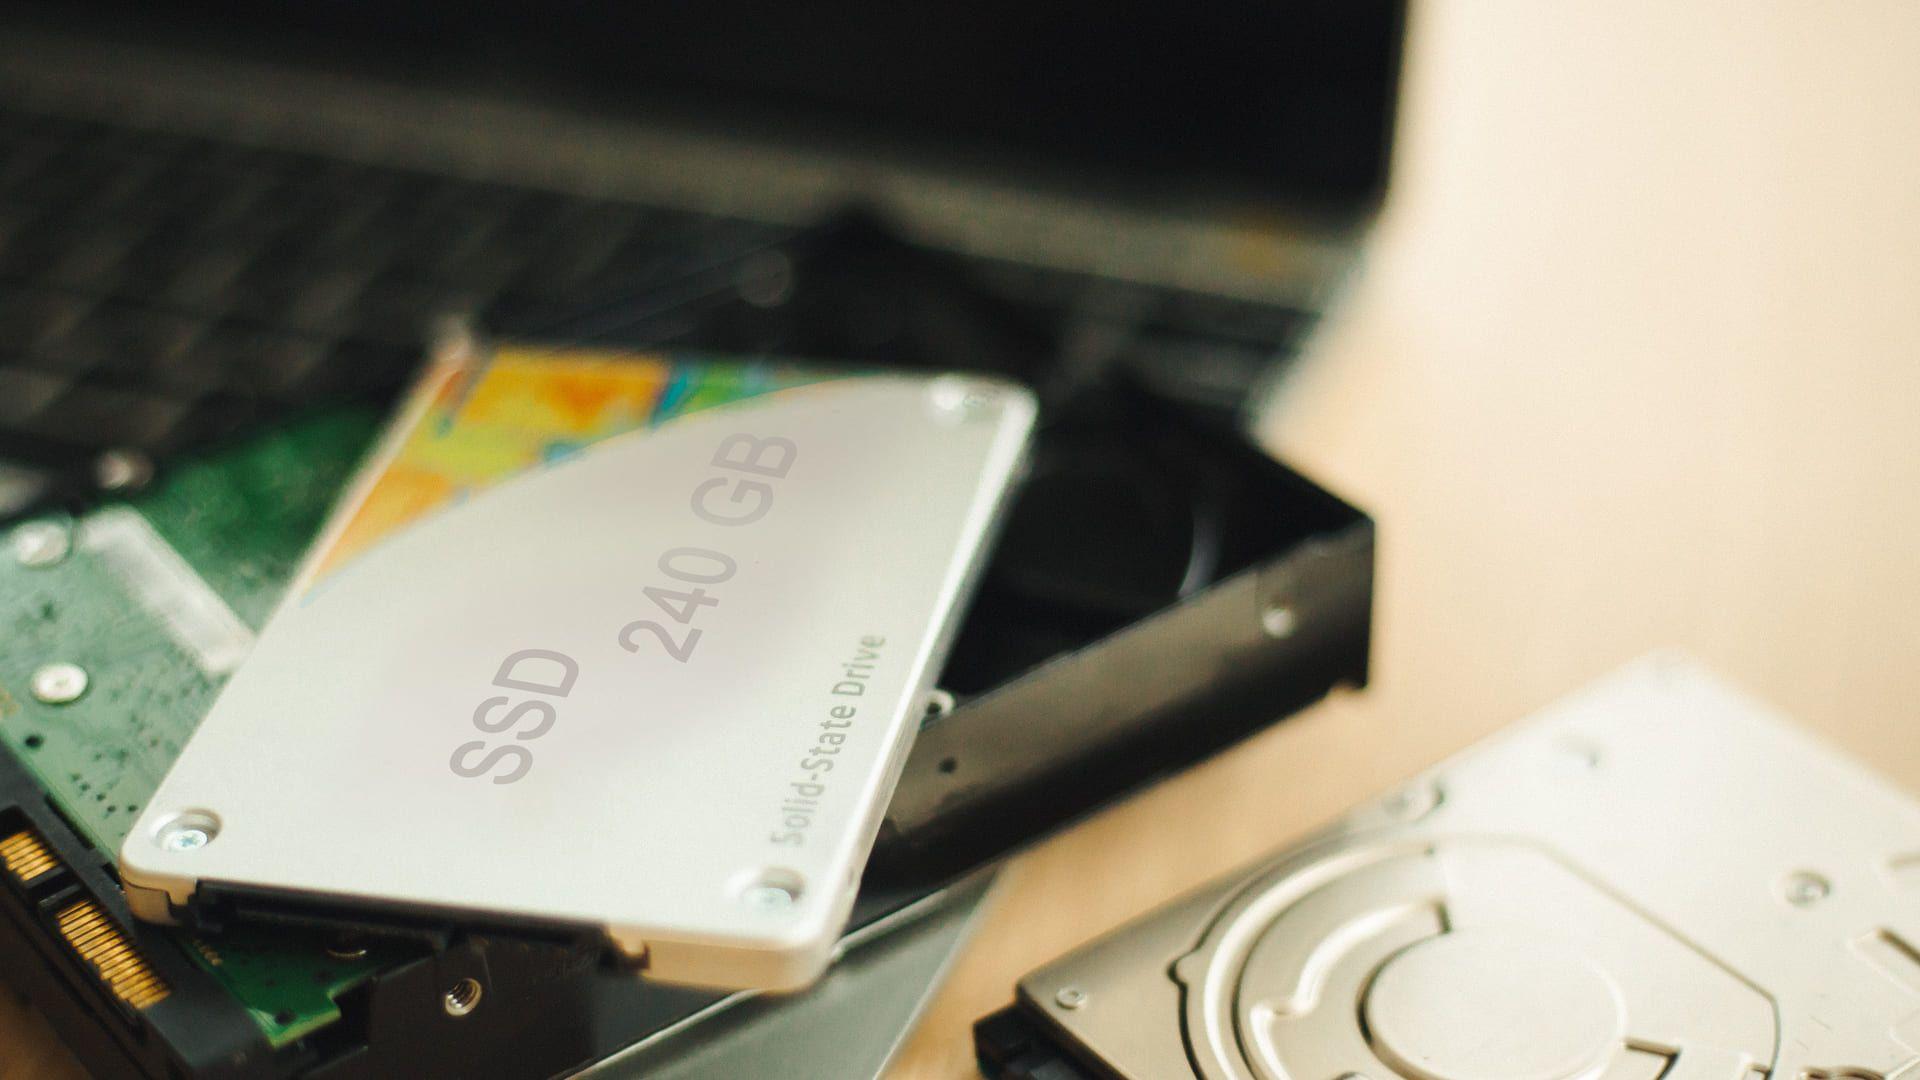 O SSD permite maior velocidade em comparação ao HD convencional (Fonte: Shutterstock)